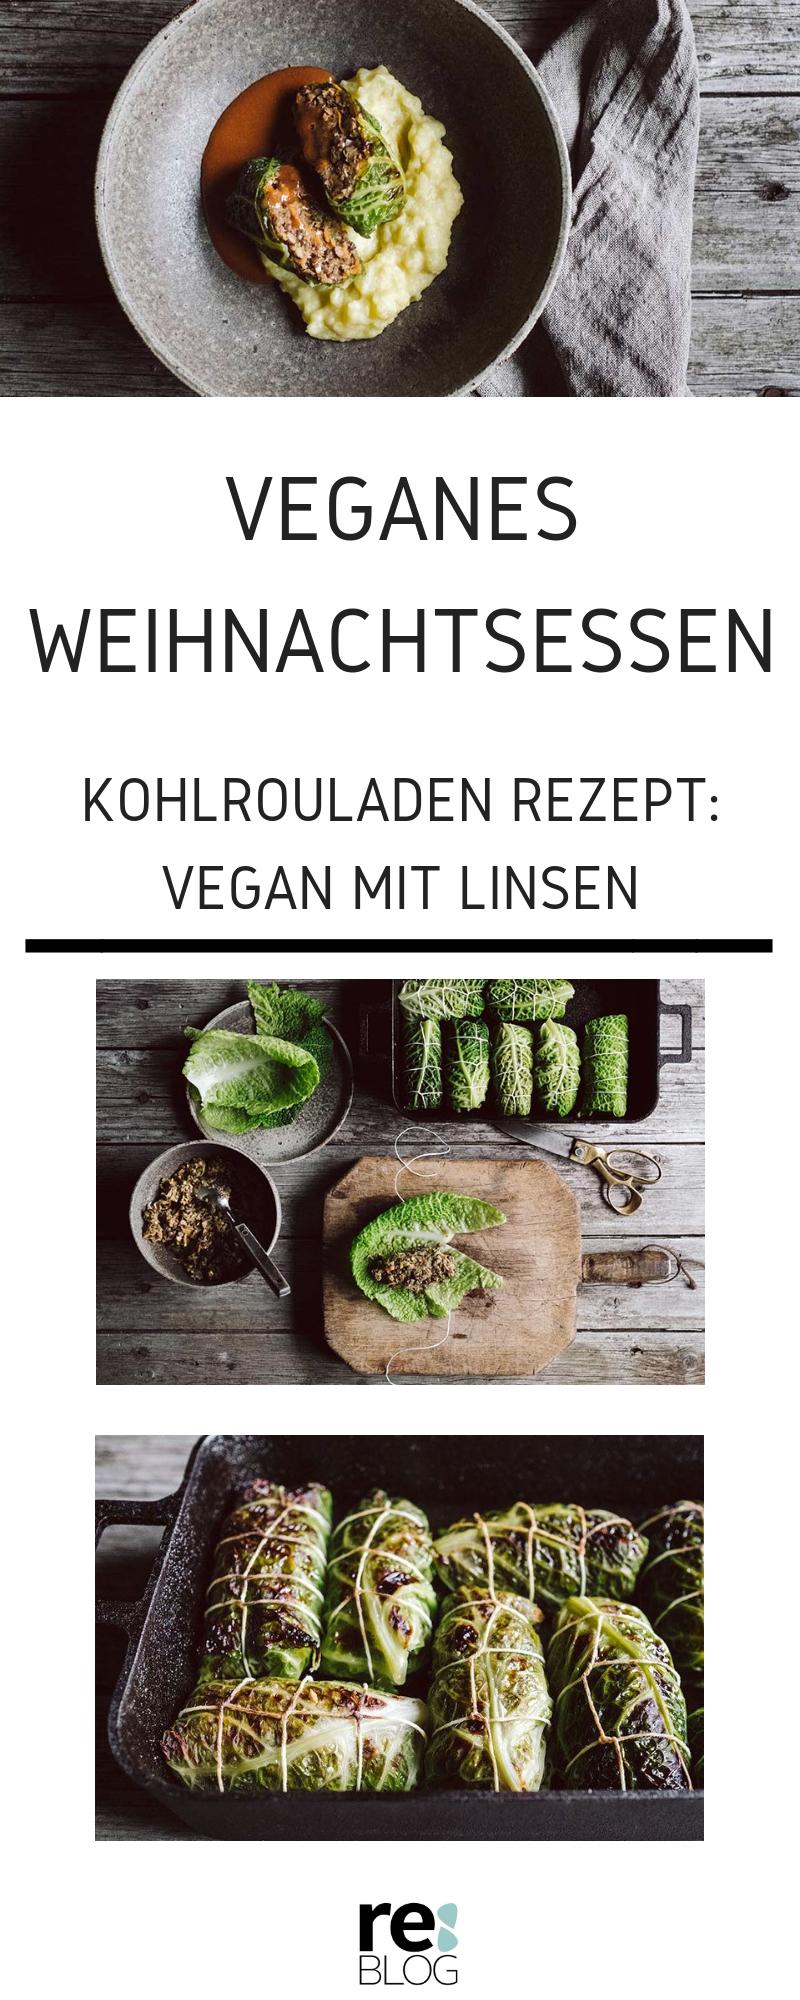 Veganes Kouhrouladen Rezept